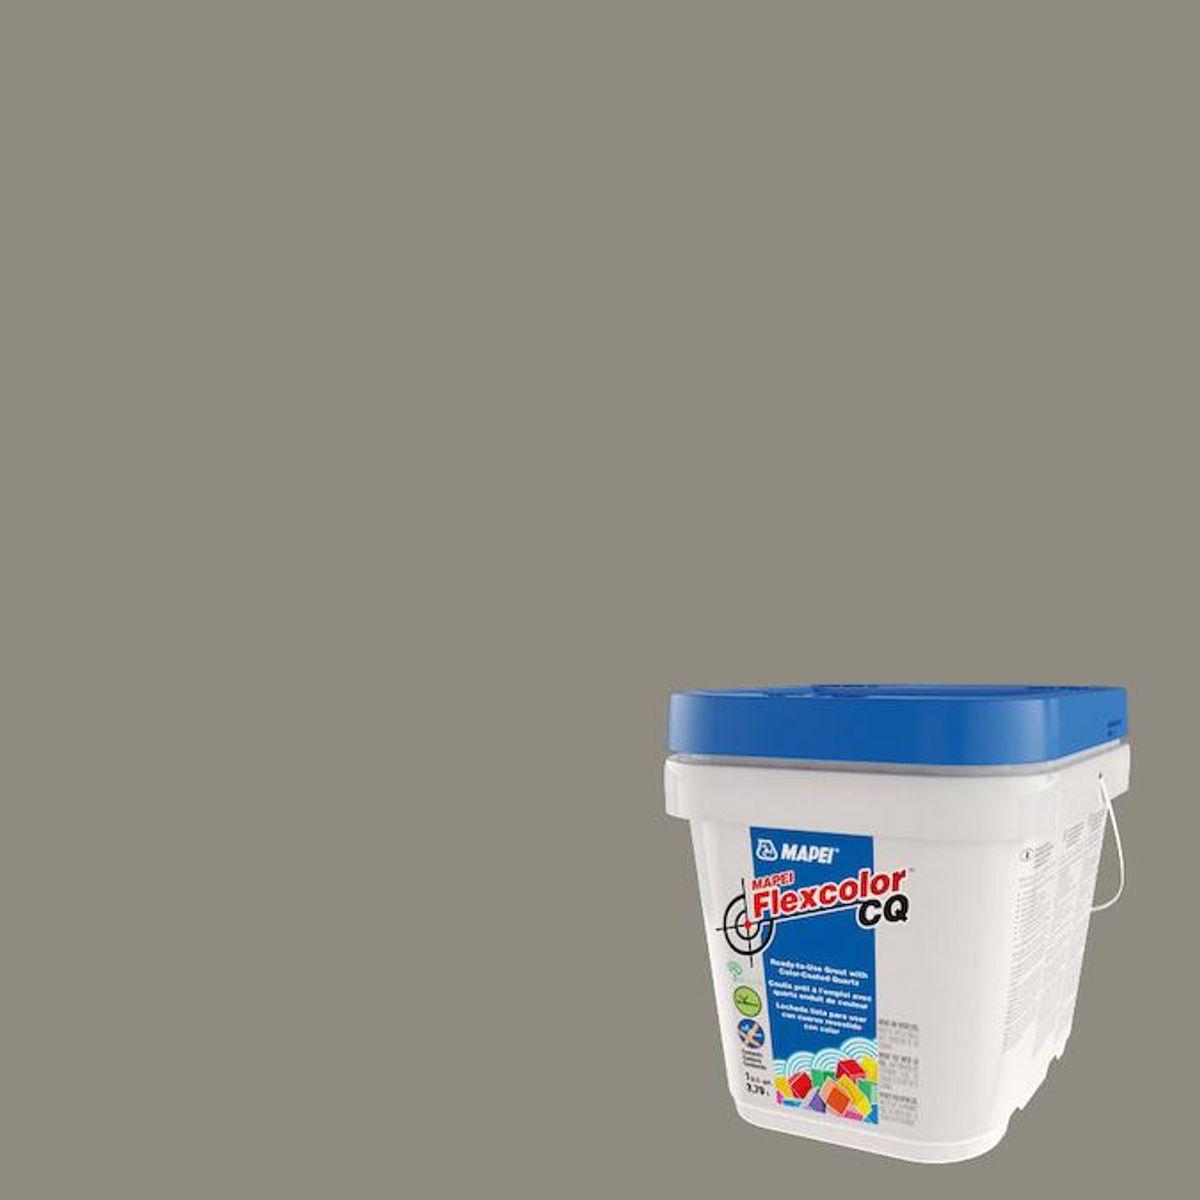 Flexcolor CQ 1-Gallon Pewter Acrylic Premix Grout